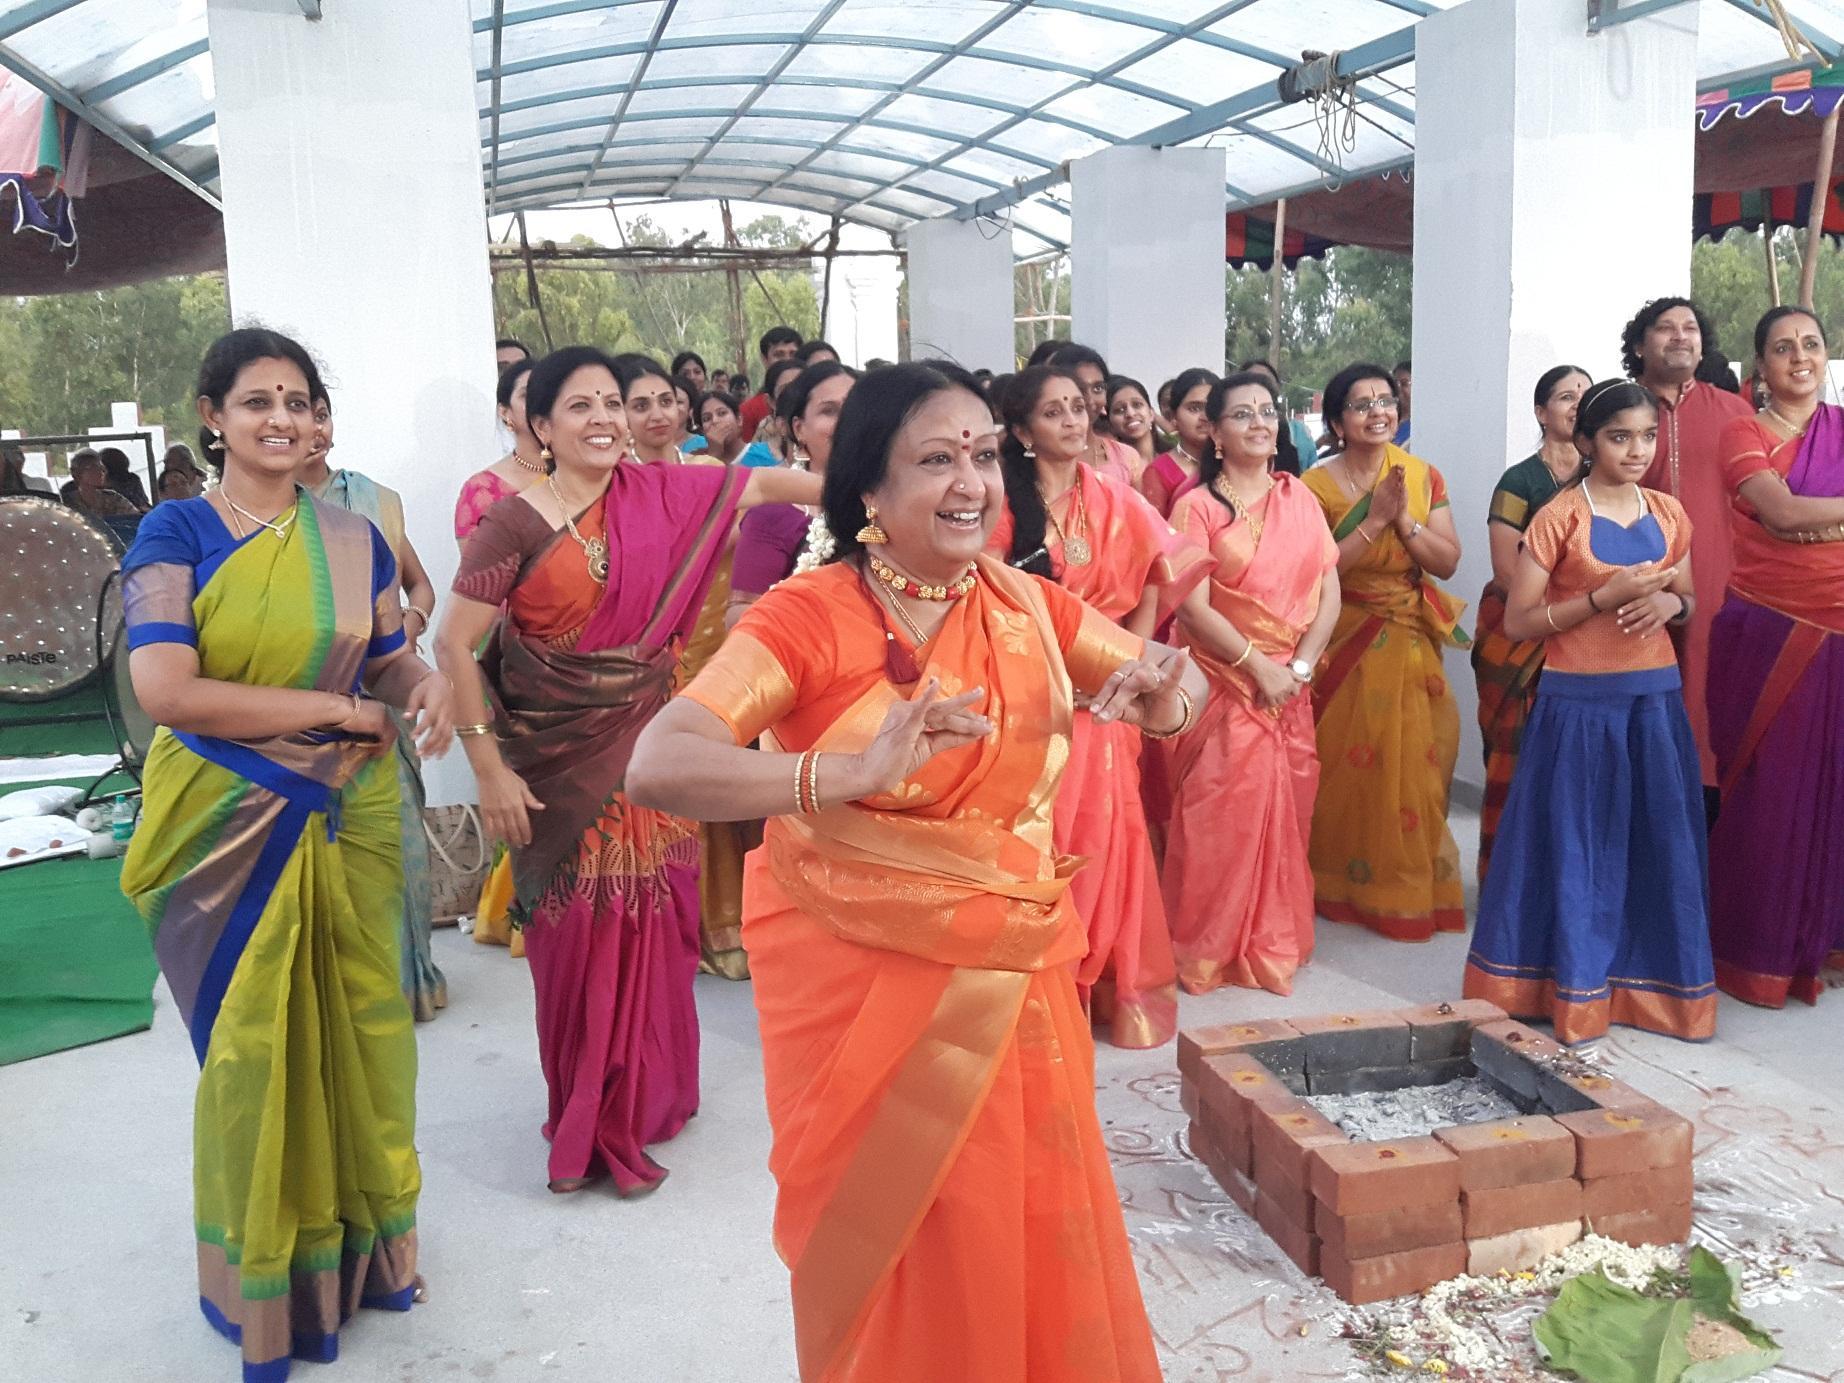 பரதமுனி கோயில் திறப்பு விழா, பத்மா சுப்பிரமணியம்